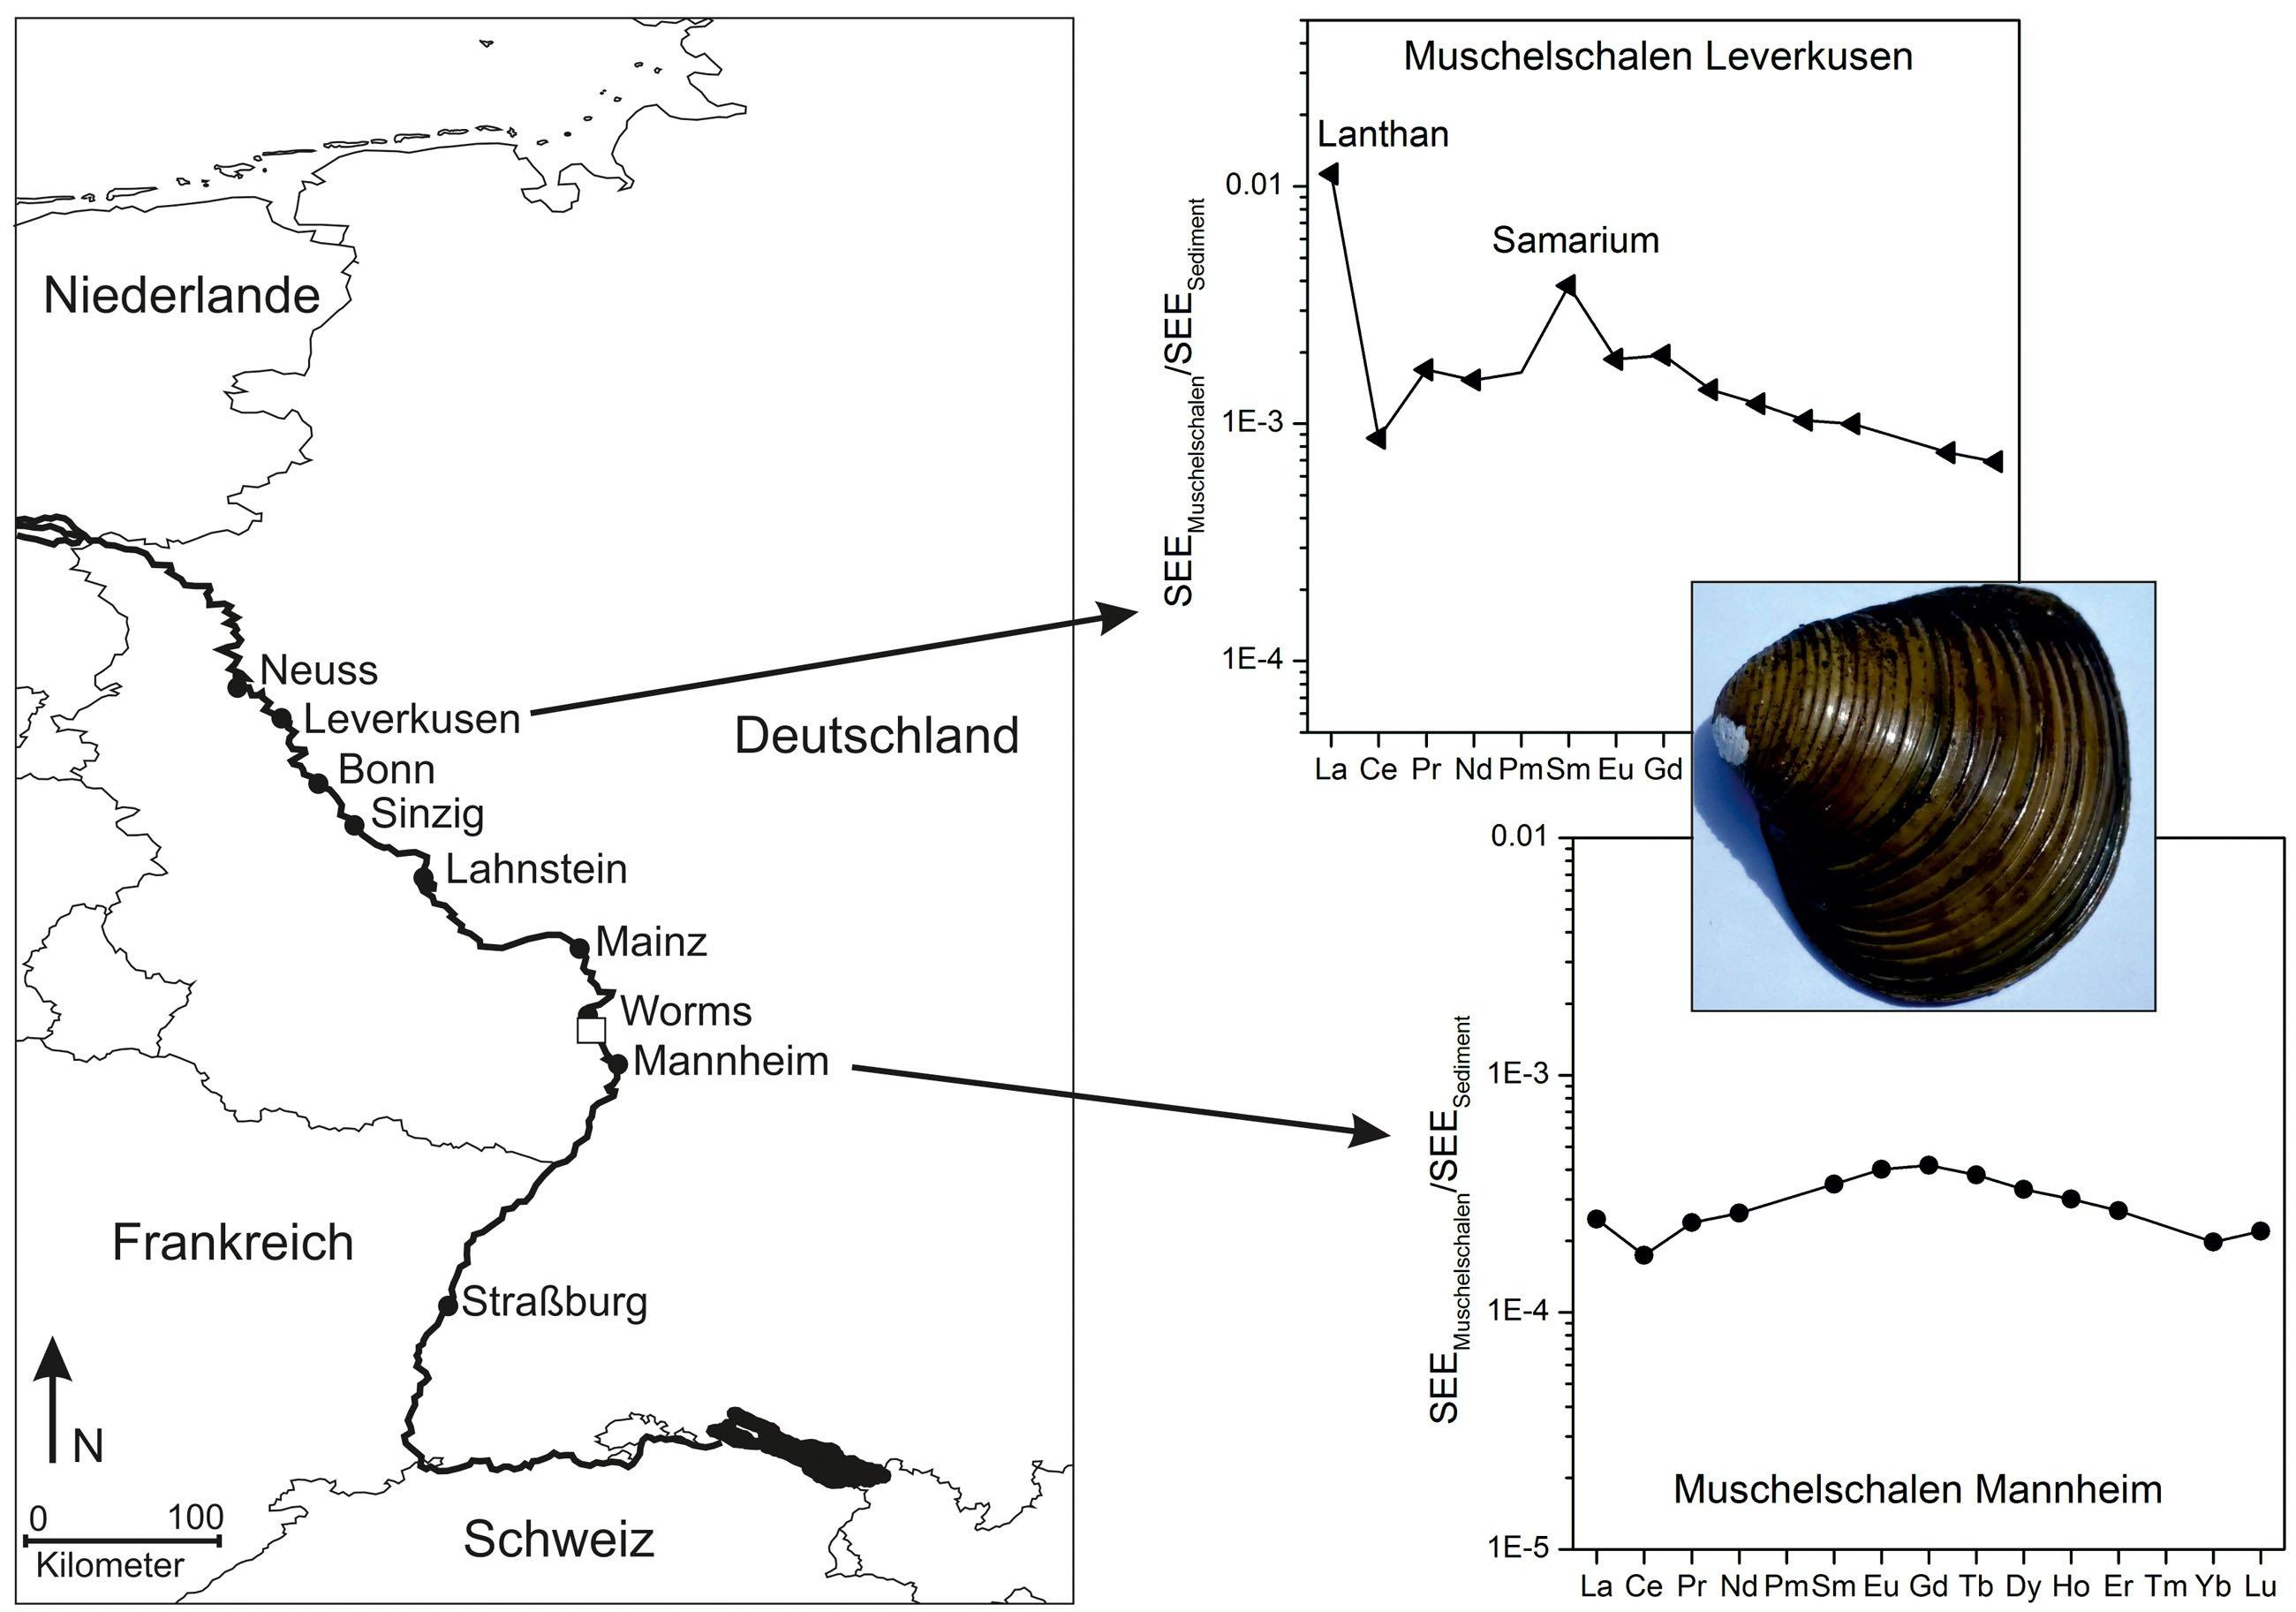 Flussabwärts von Worms haben Michael Bau und Gila Merschel von der Universität Bremen anthropogene Hochtechnologiemetalle in Muscheln gefunden. Sie stammen aus einem Betrieb in Worms.